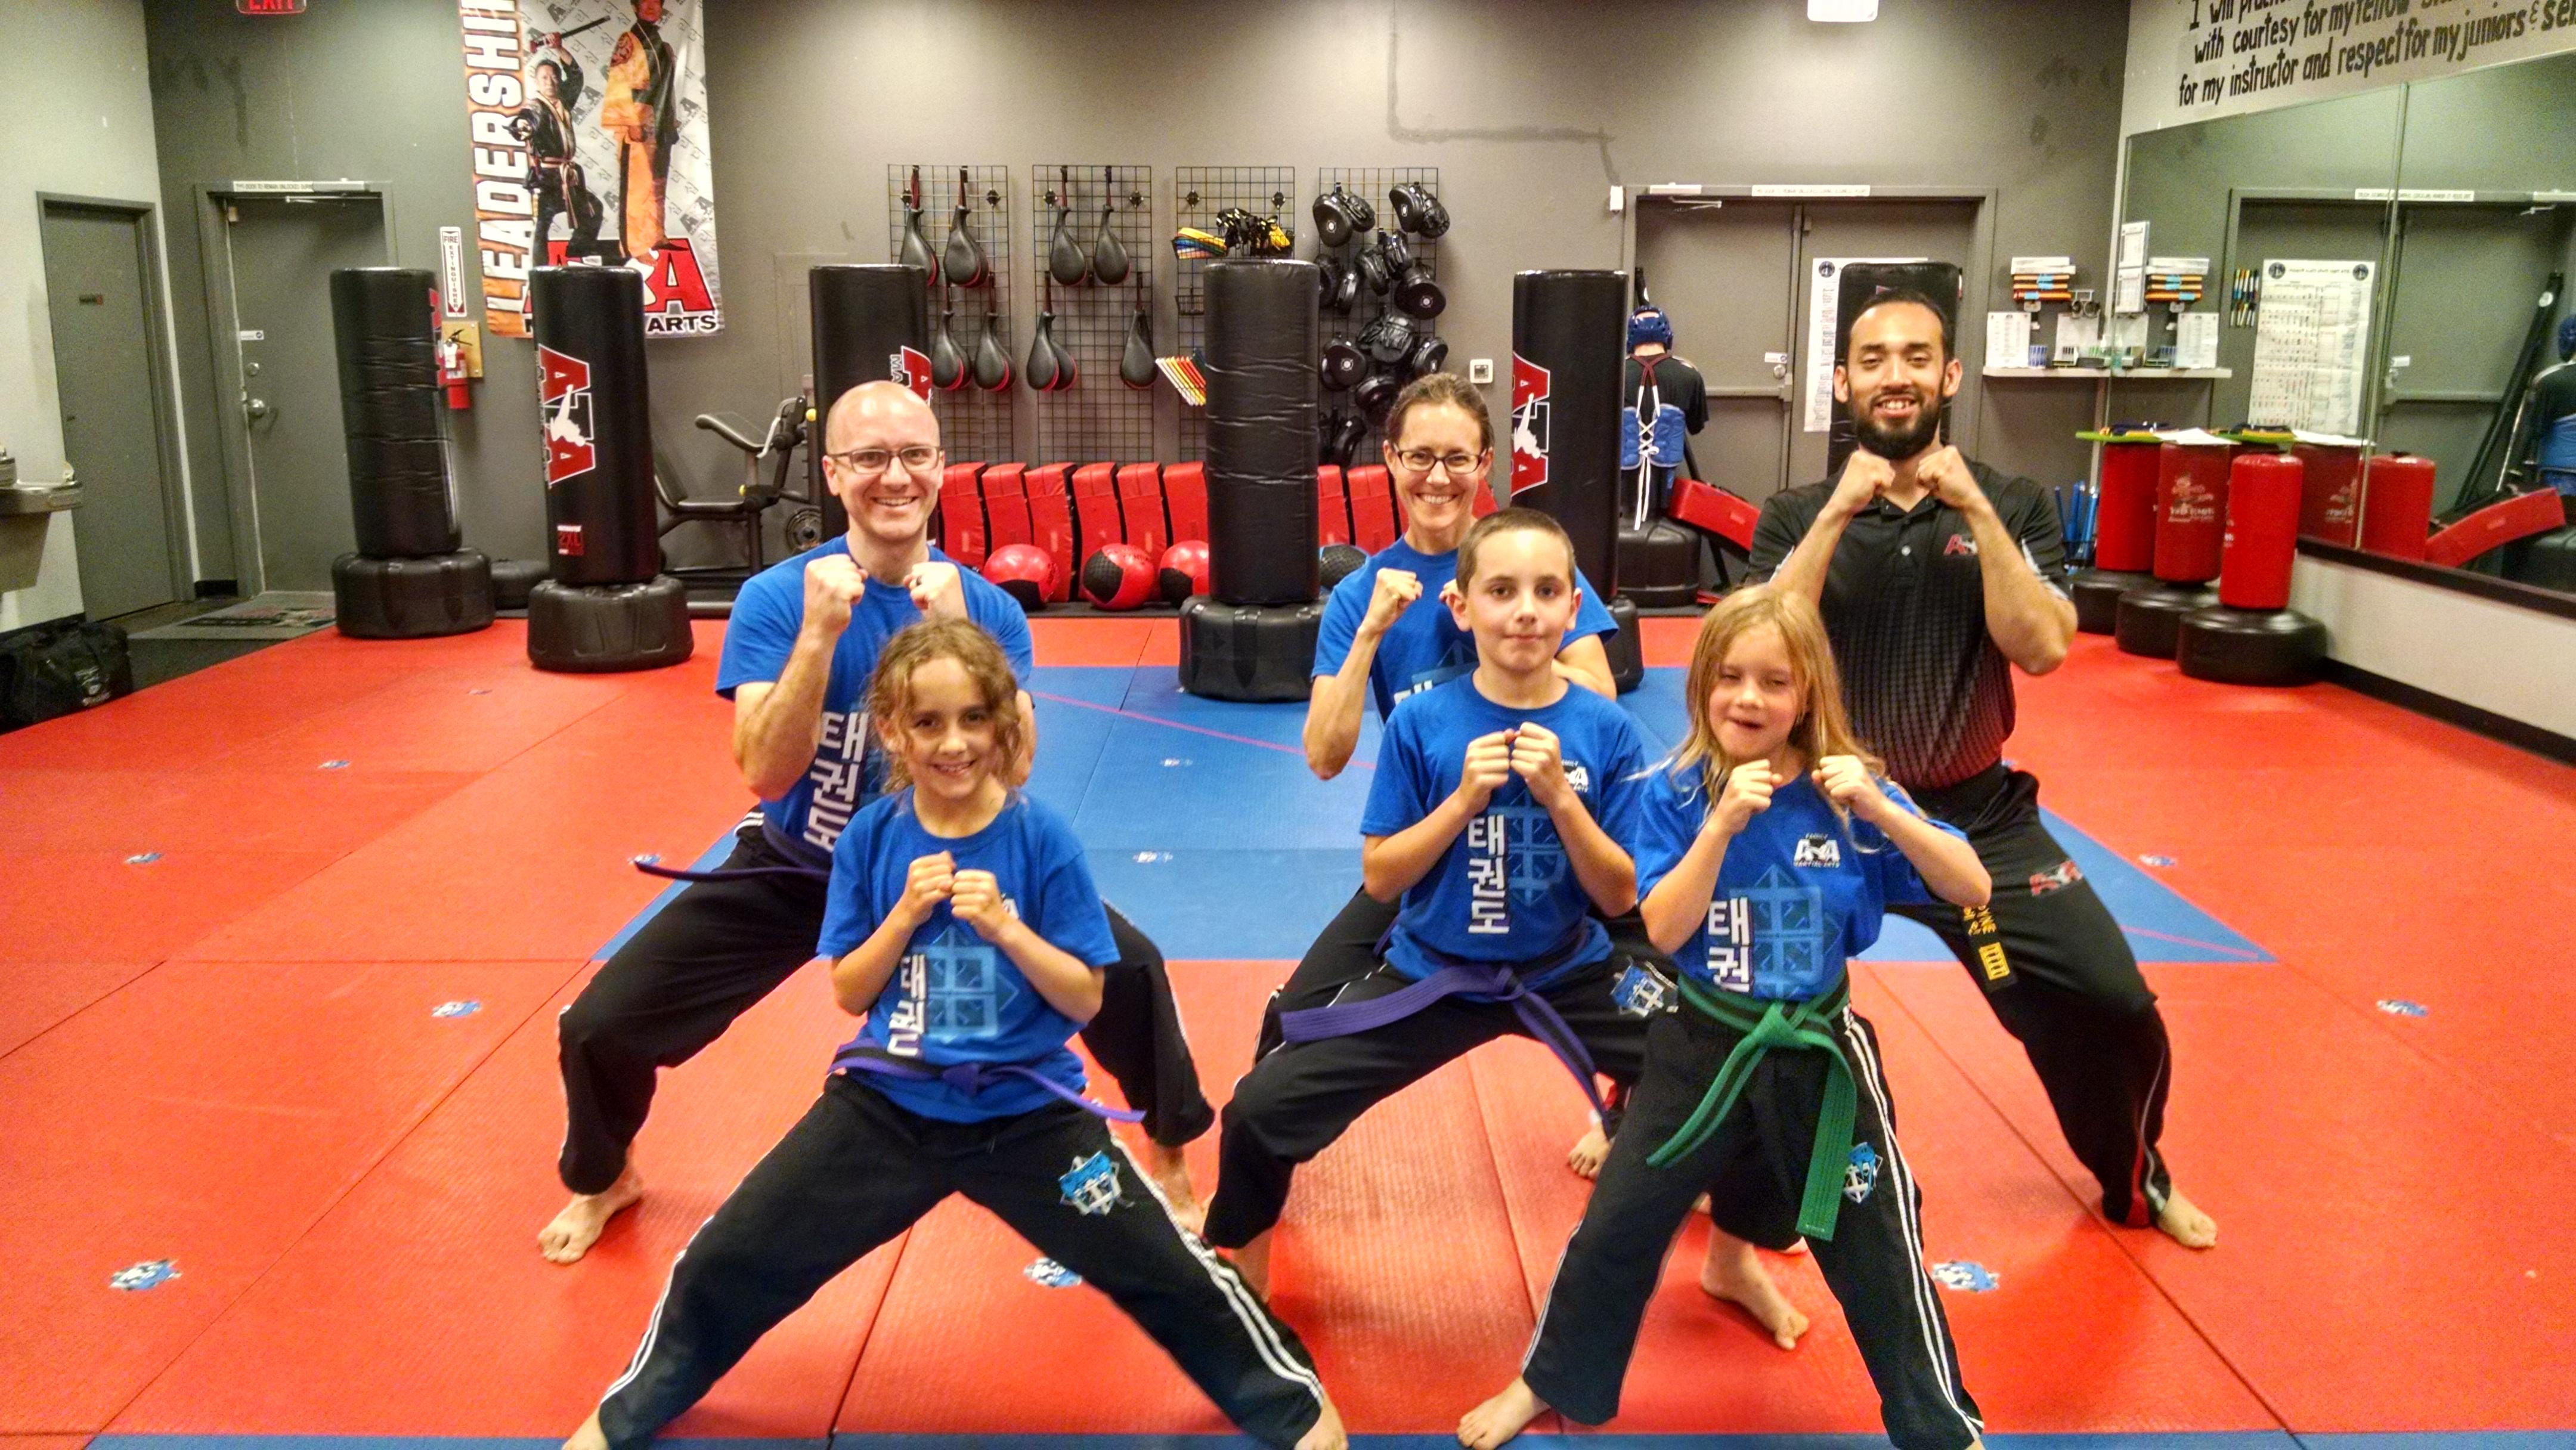 Our family at the Taekwondo studio.